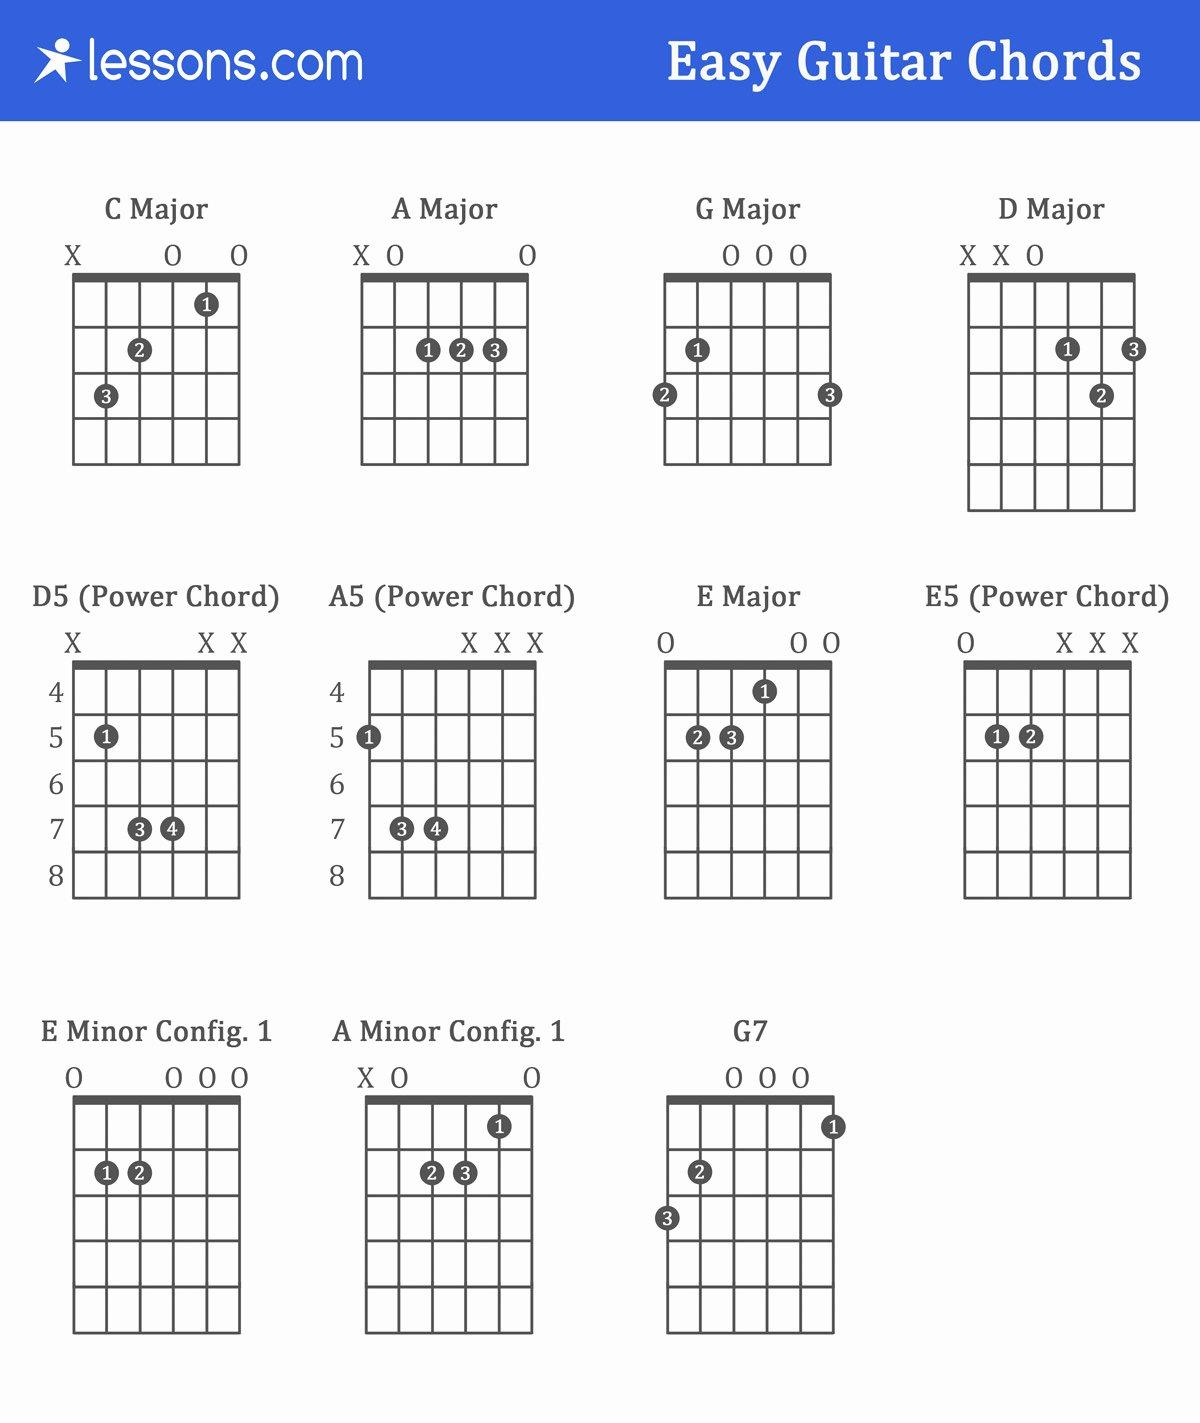 Beginner Guitar Chords Chart Elegant the 11 Easy Guitar Chords for Beginners with Charts